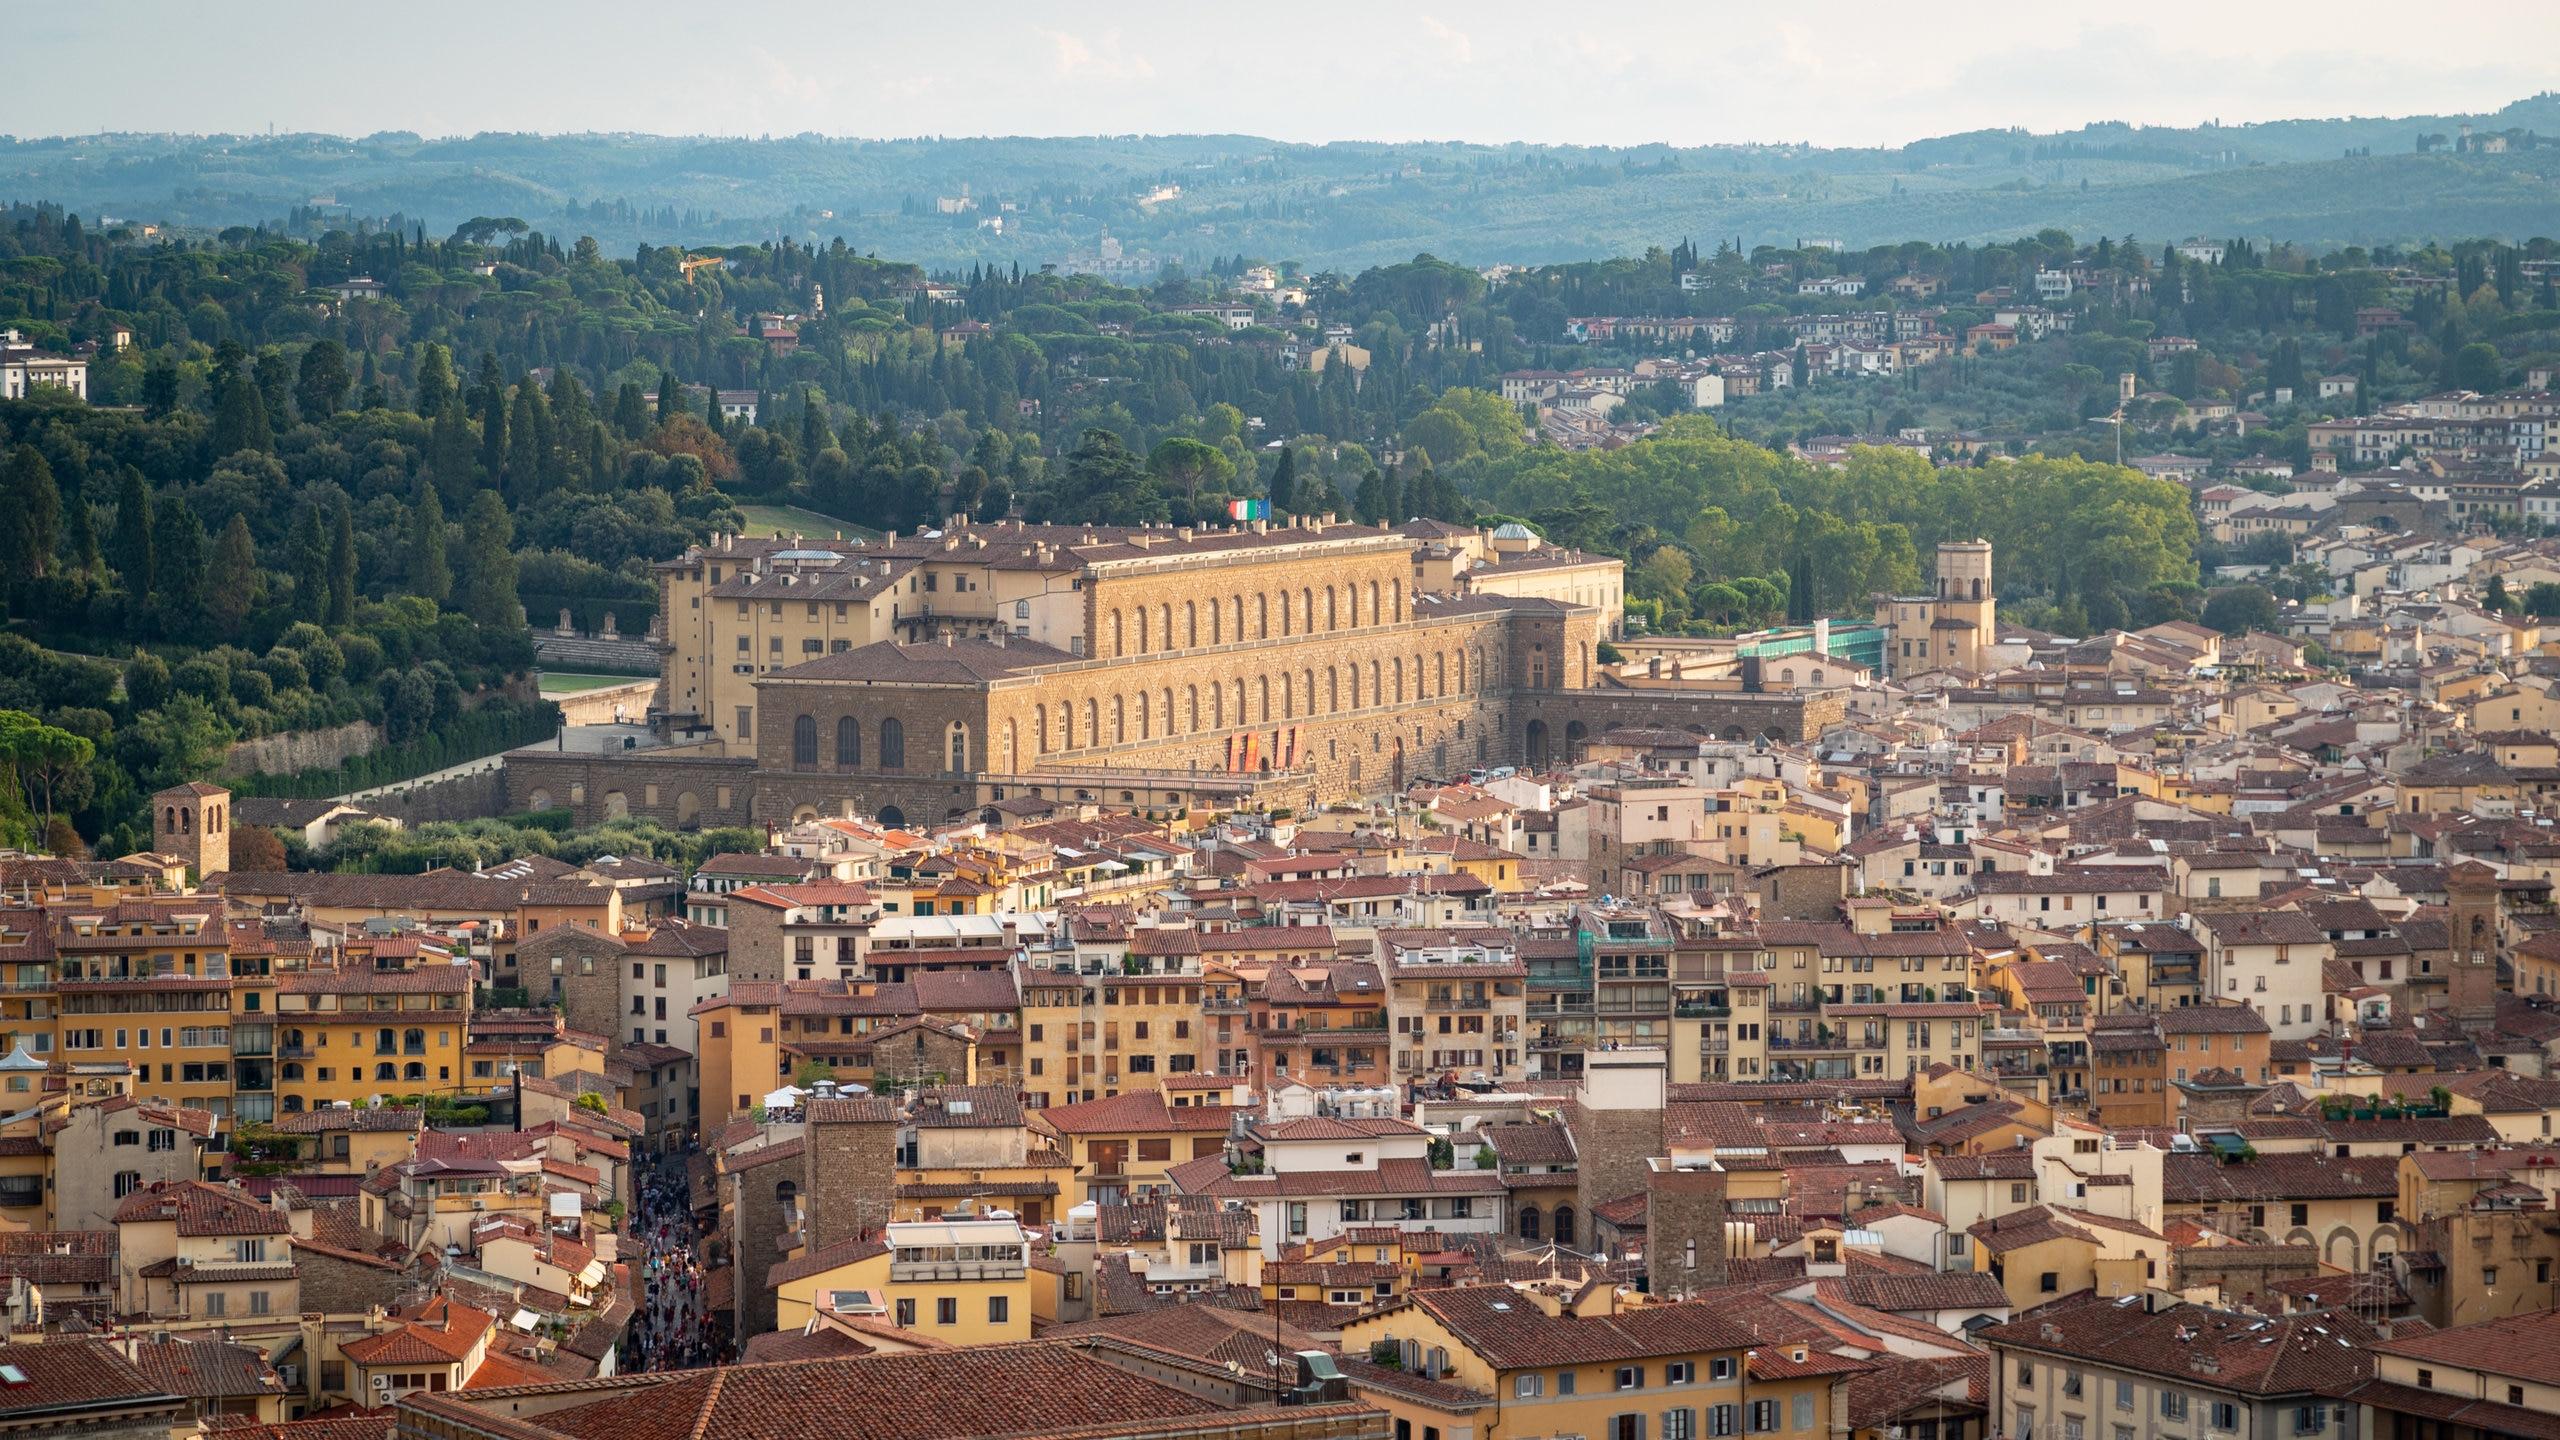 Denne tidligere kongelige boligen viser nå frem de omfattende samlingene til Medici-familien, med syv gallerier som inneholder noen av de flotteste kunstverkene i Firenze.